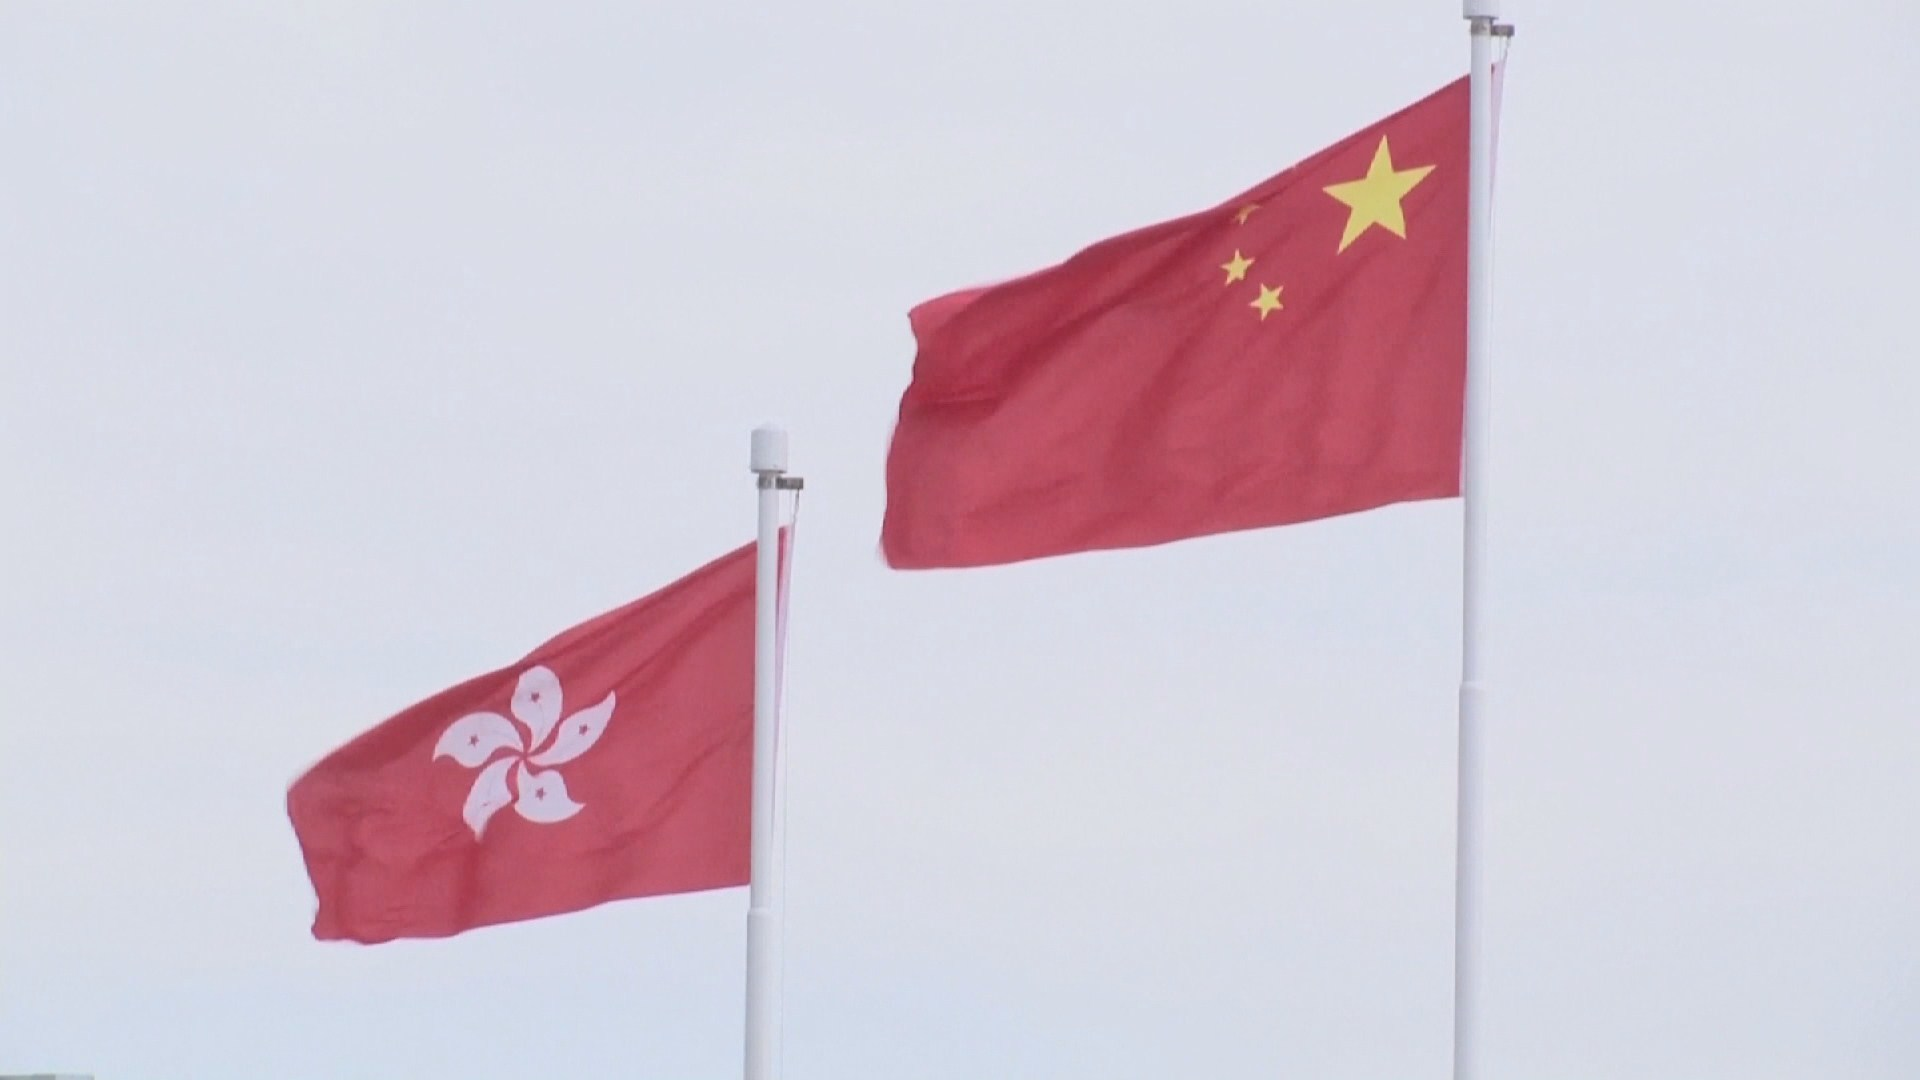 홍콩 부유층 엑소더스 준비?…